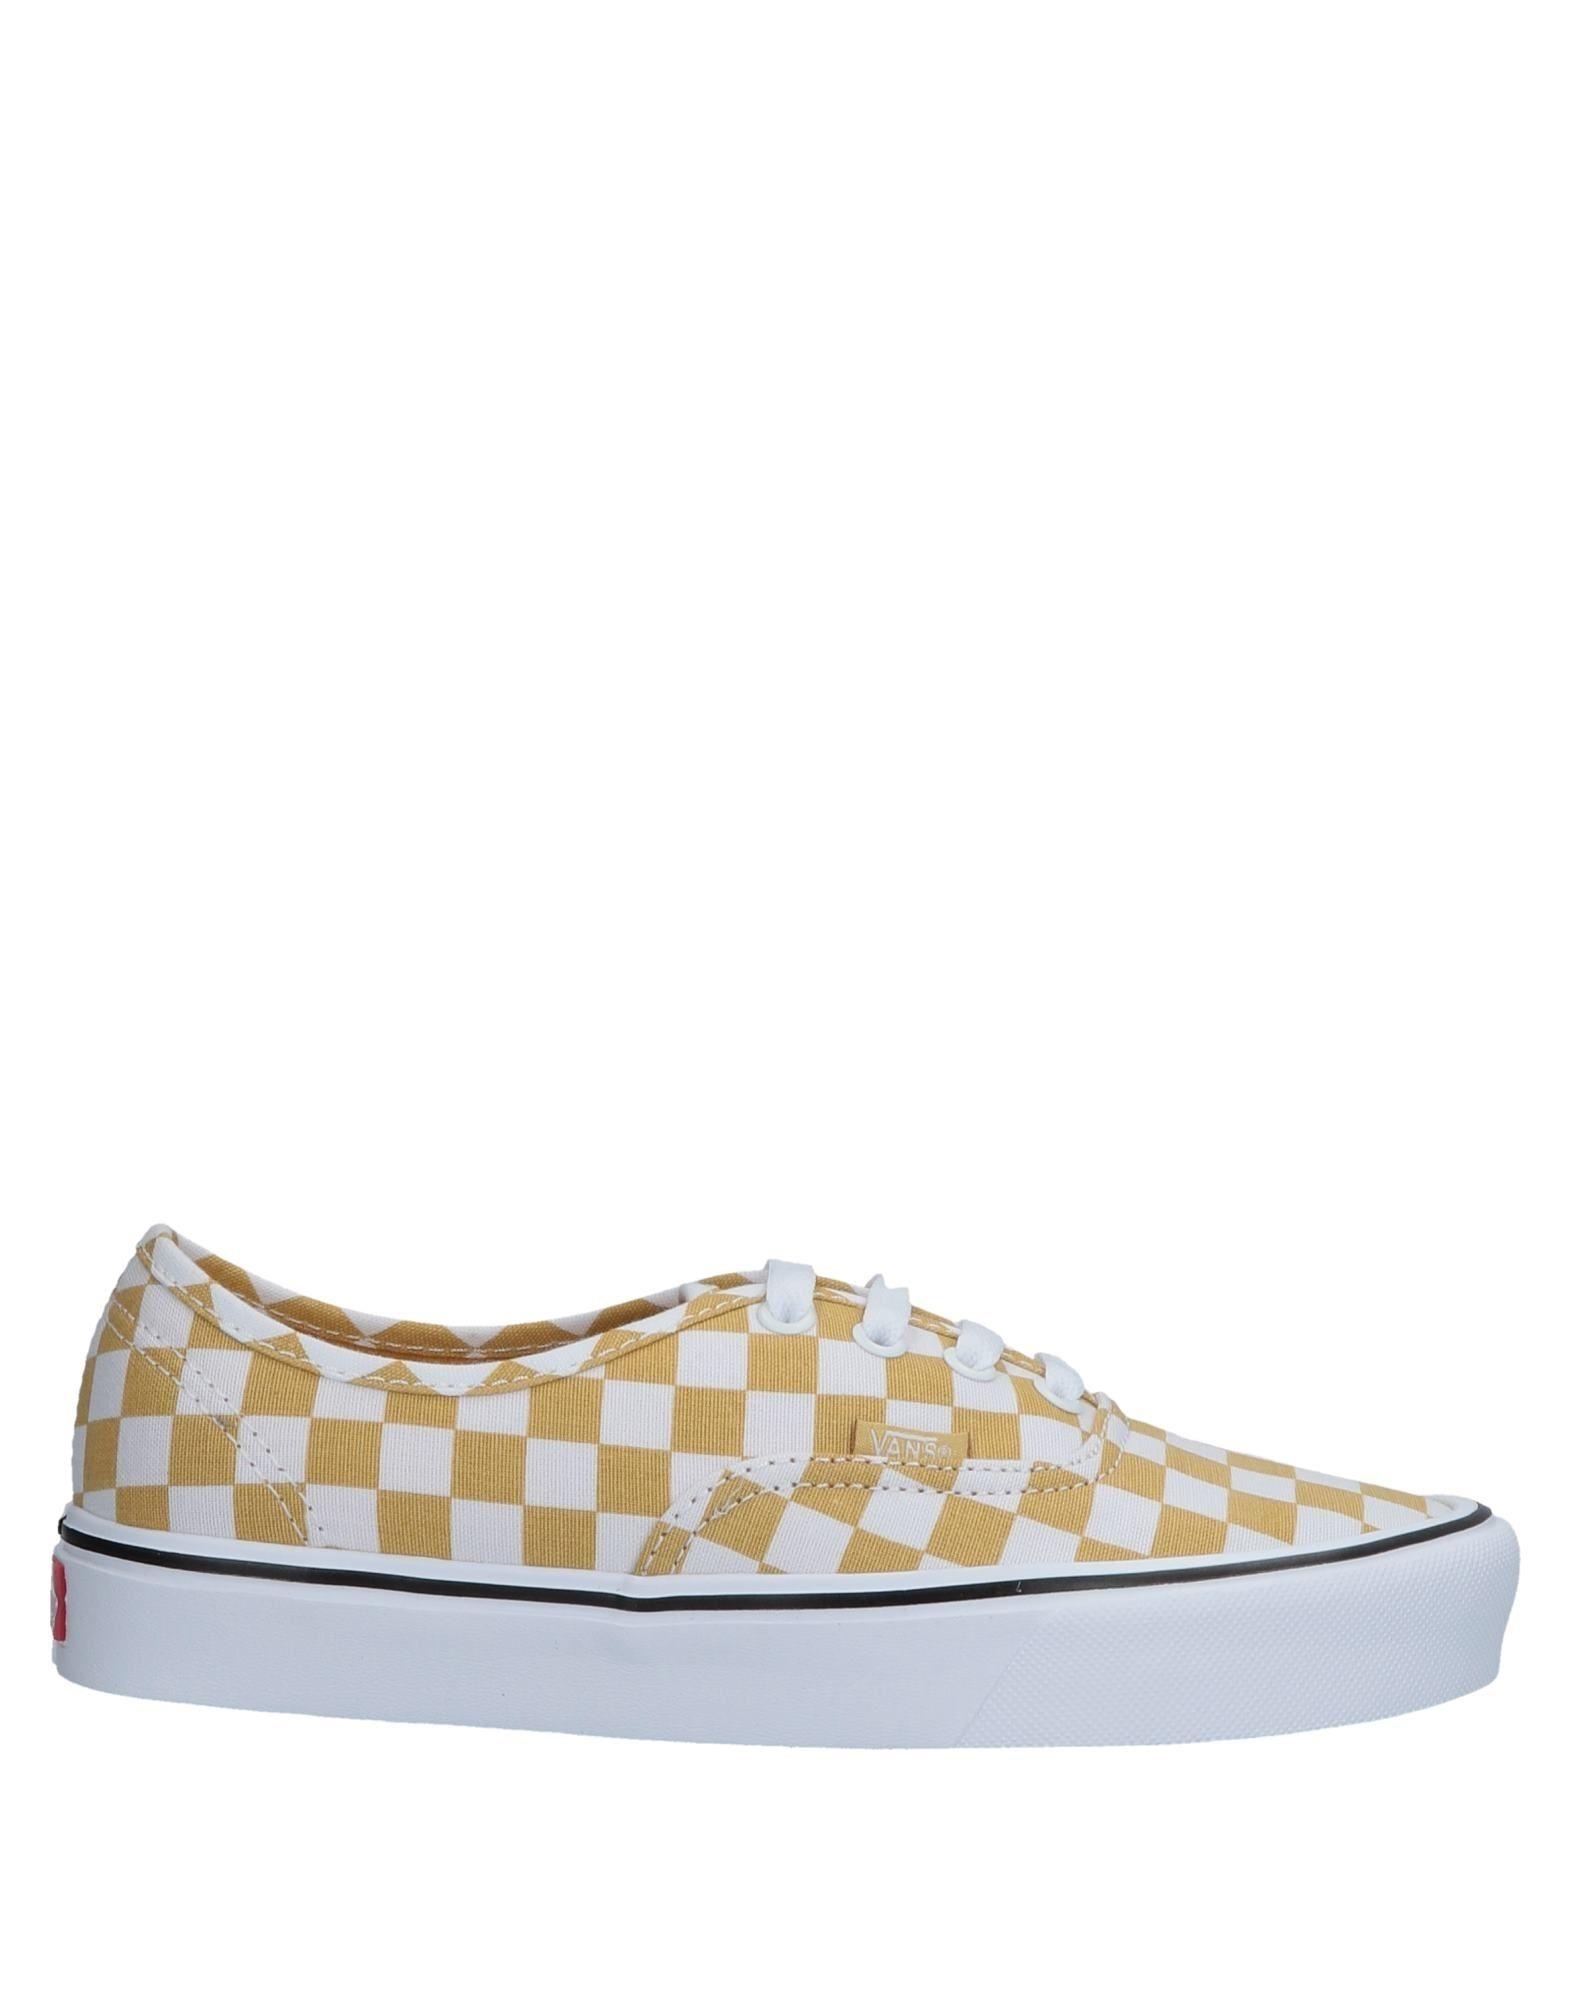 Baskets Vans Femme - Baskets Vans Jaune Nouvelles chaussures pour hommes et femmes, remise limitée dans le temps